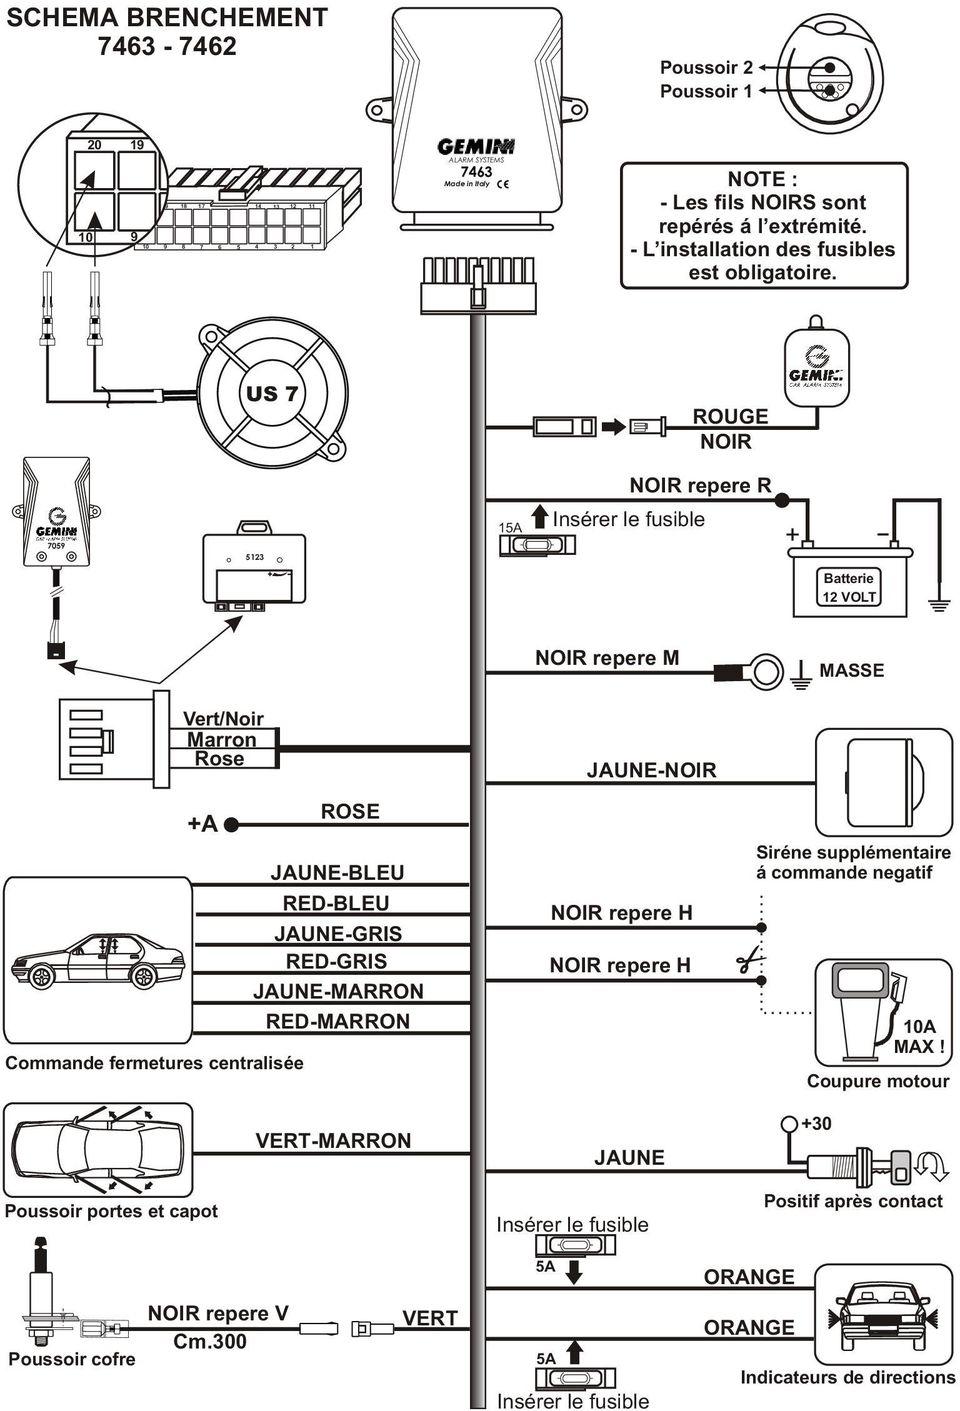 seat schema moteur hyundai accent